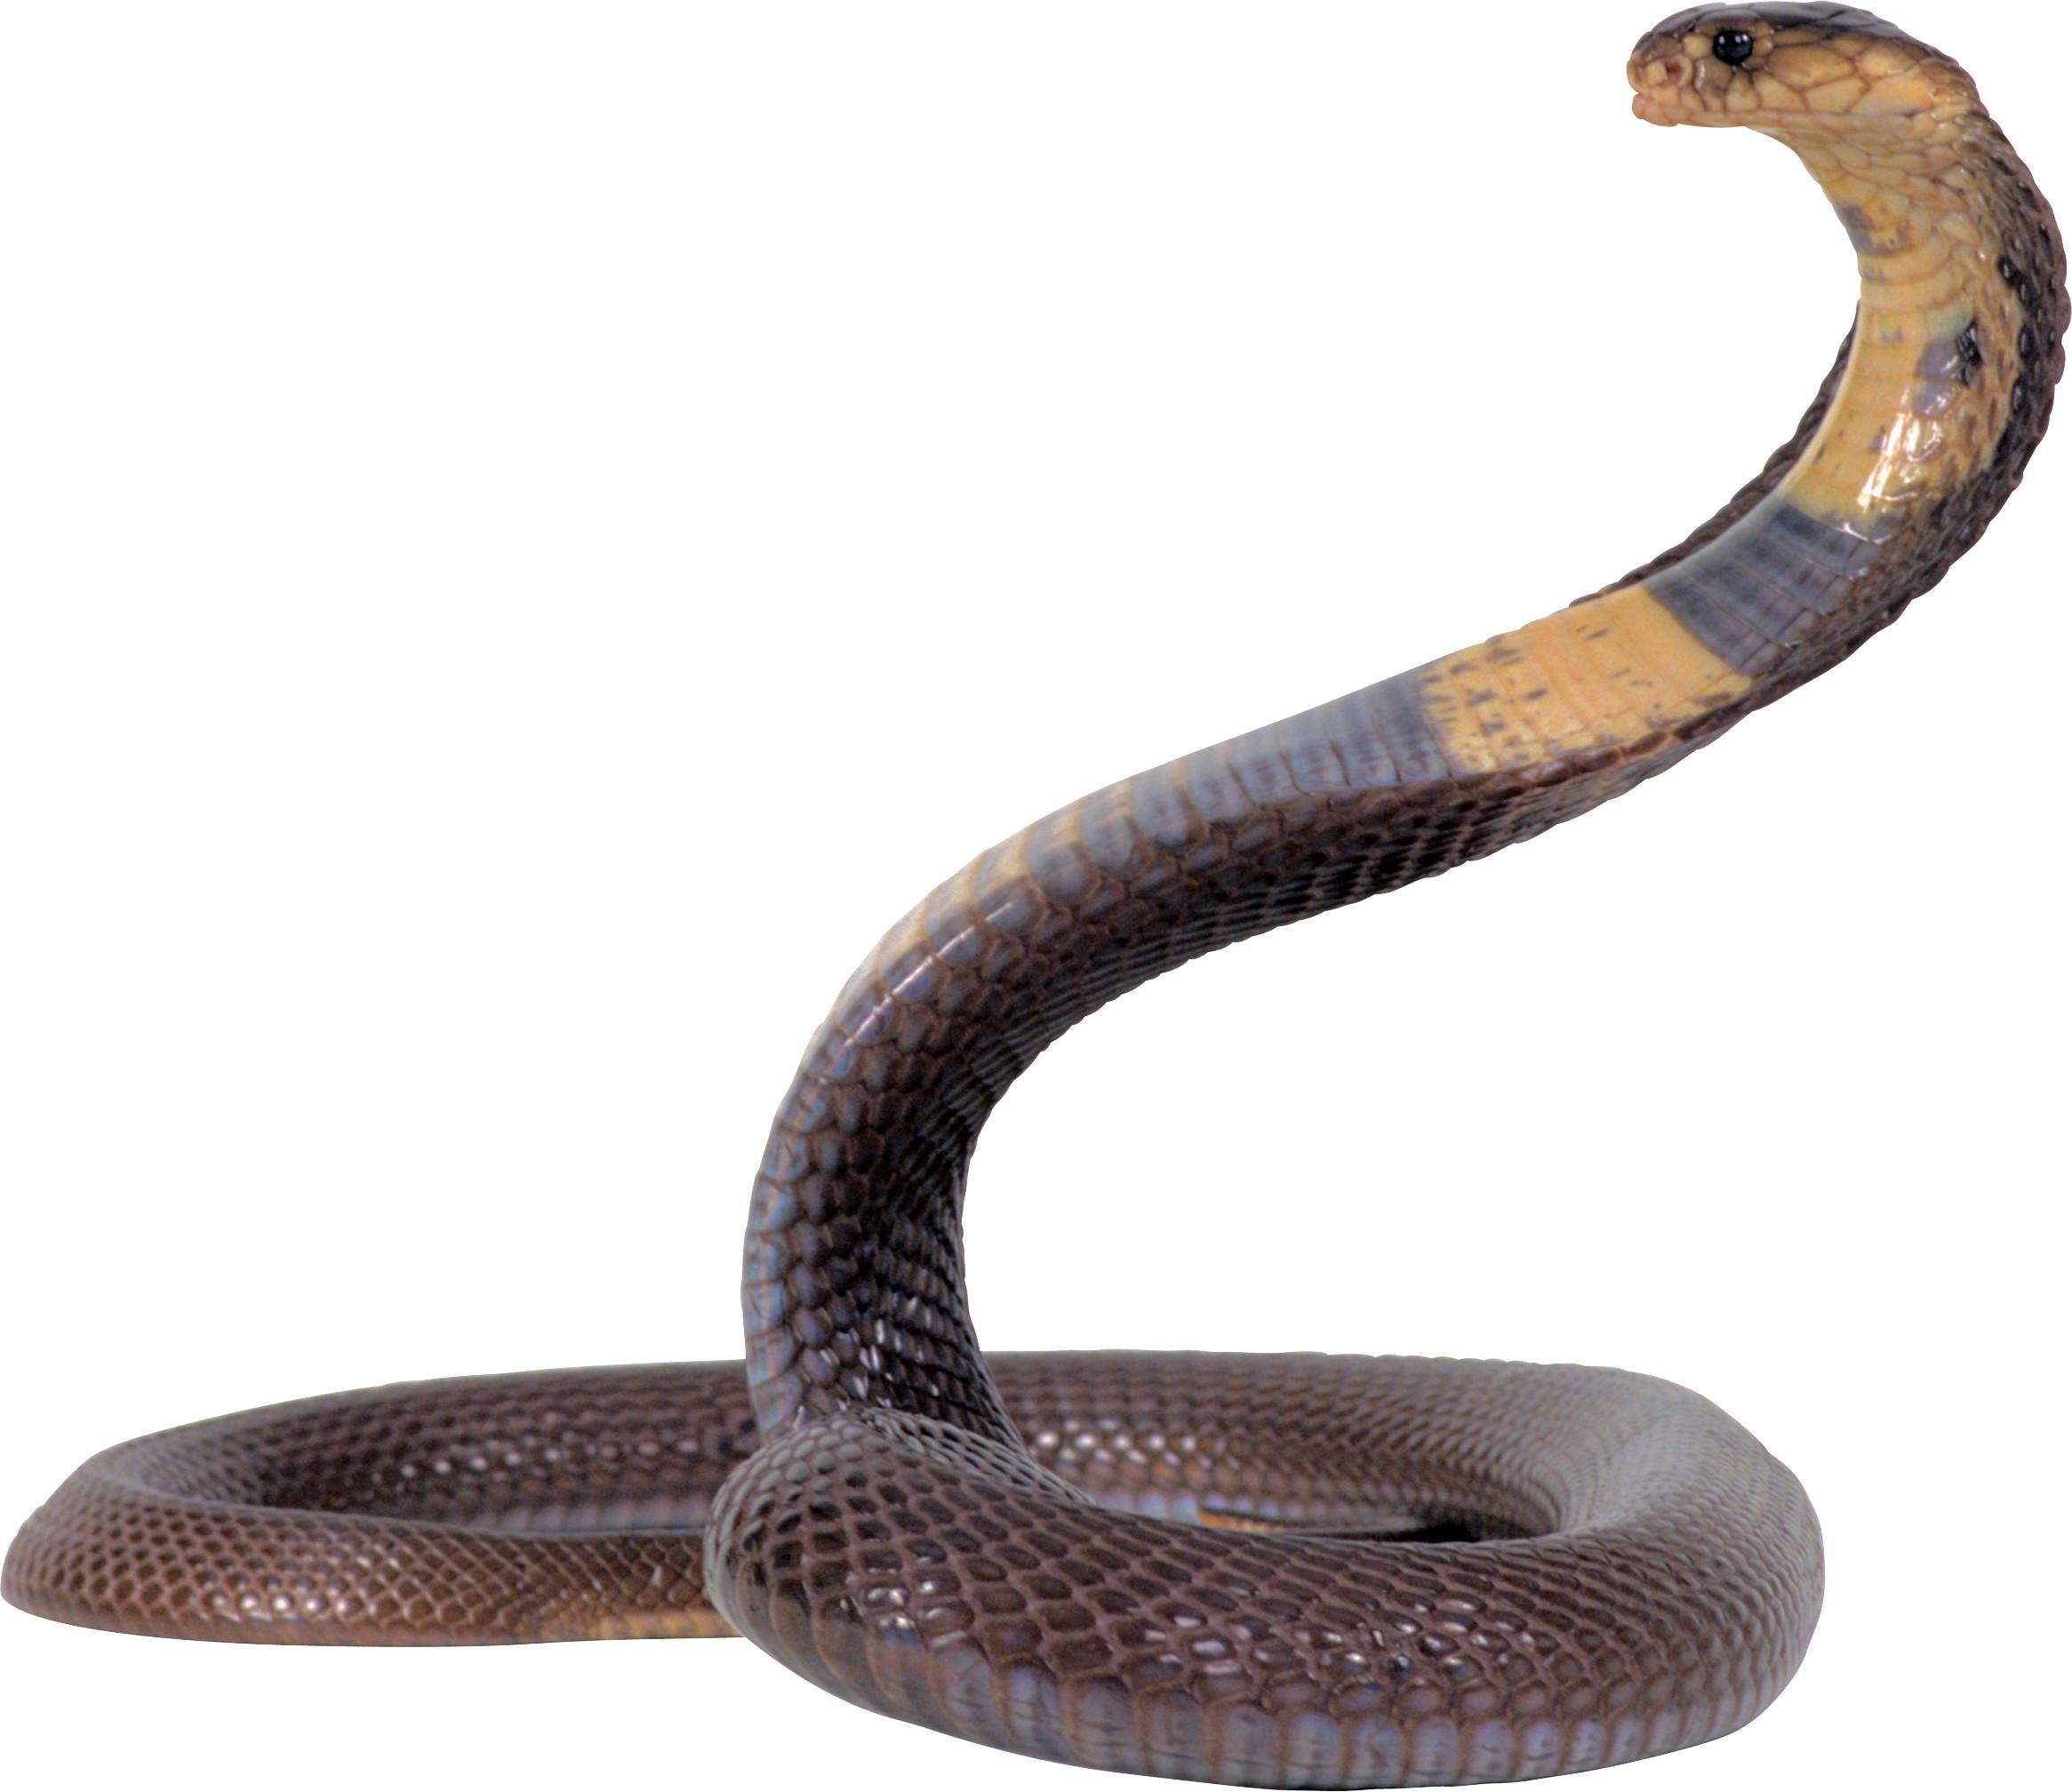 indian king cobra snake wallpaper 50 images